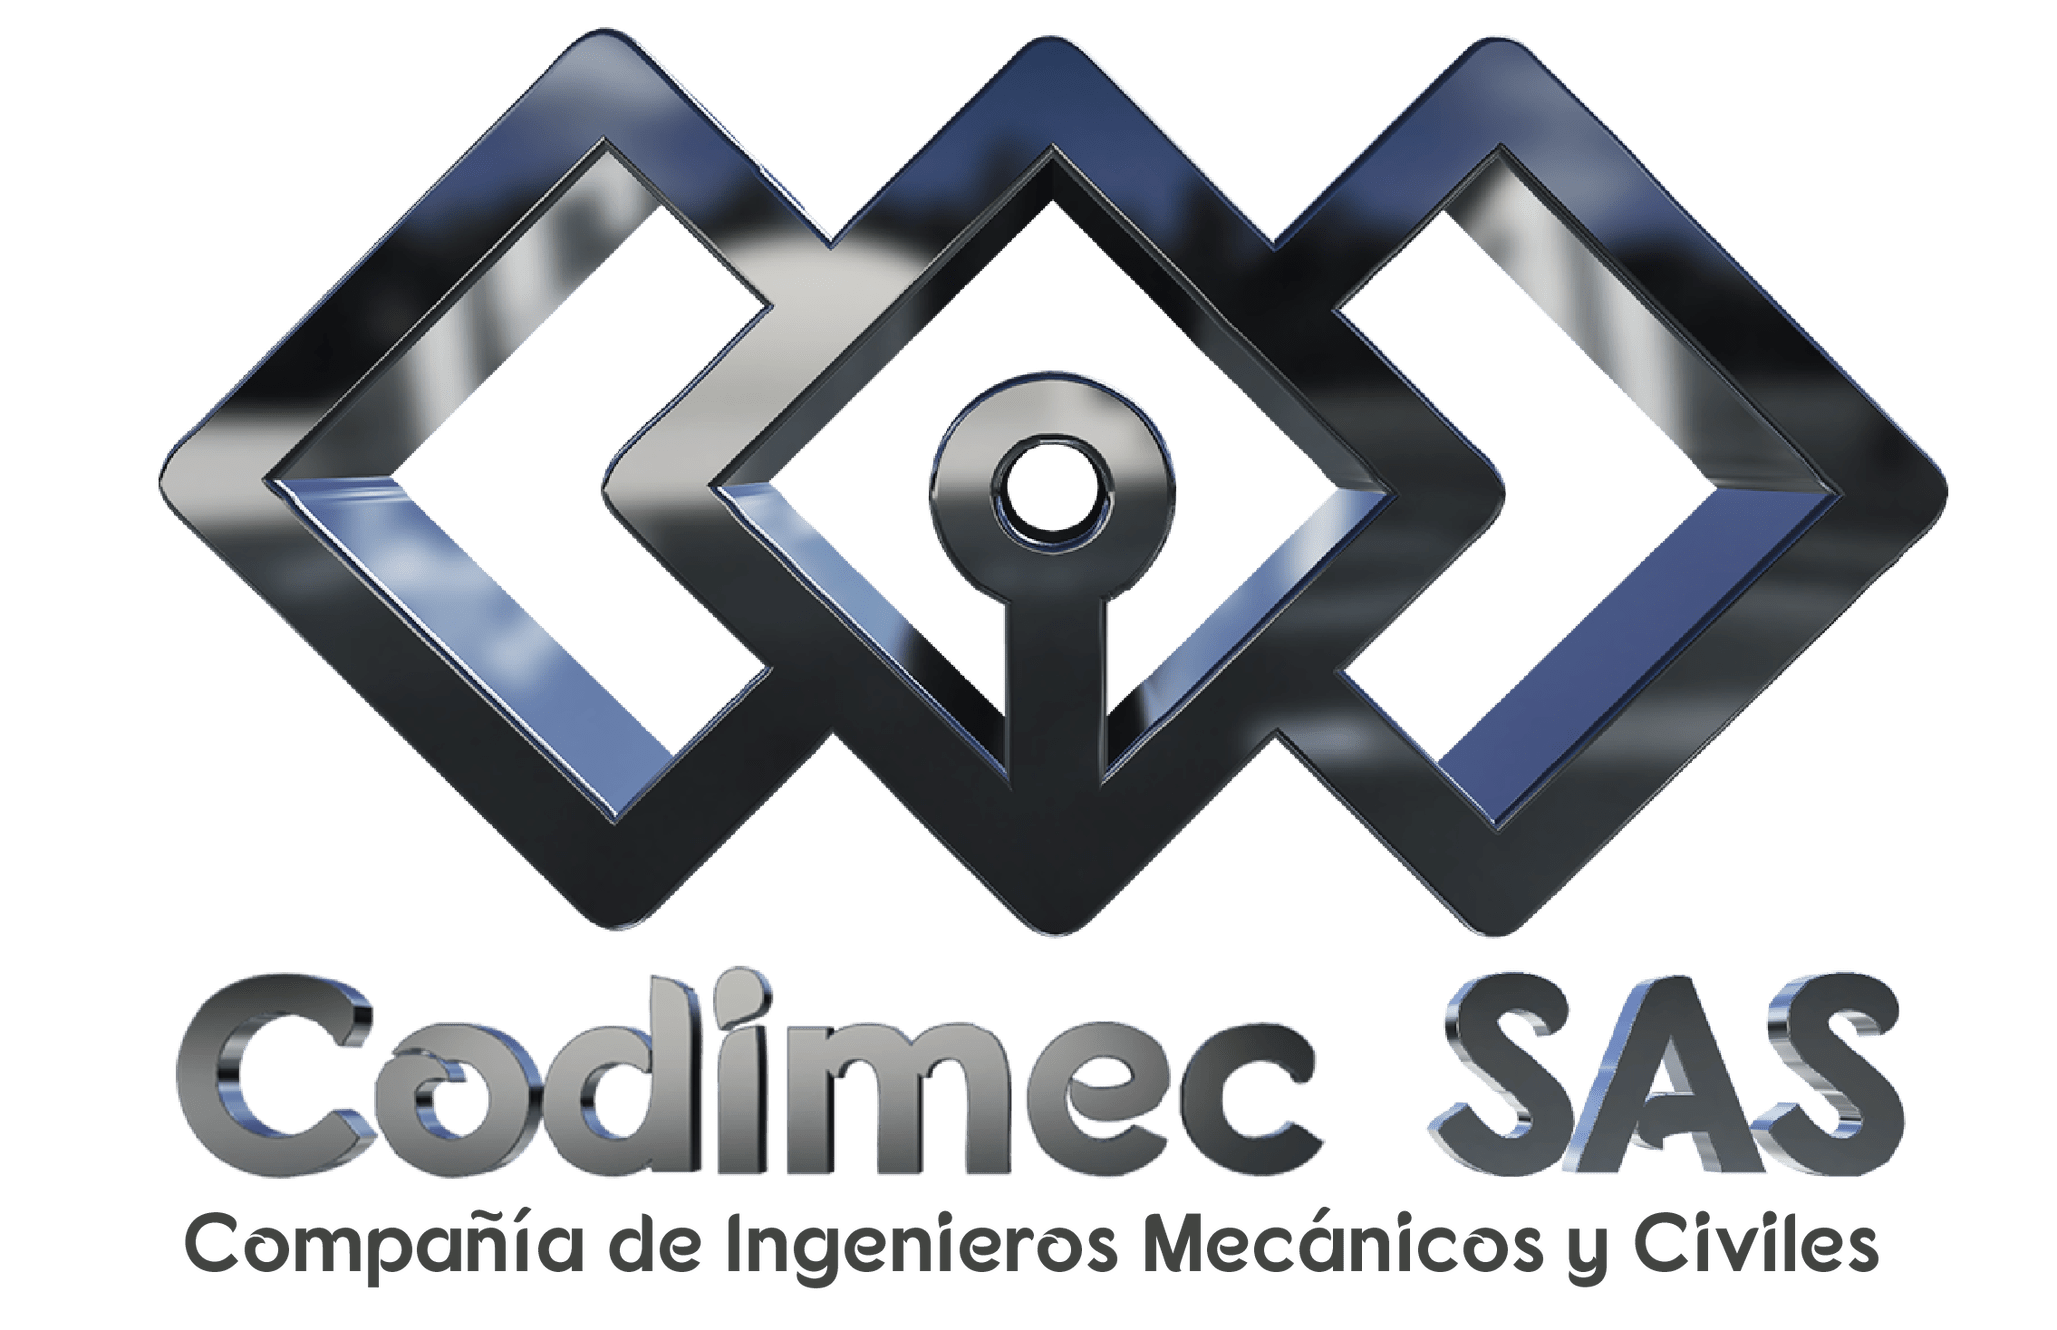 Codimec